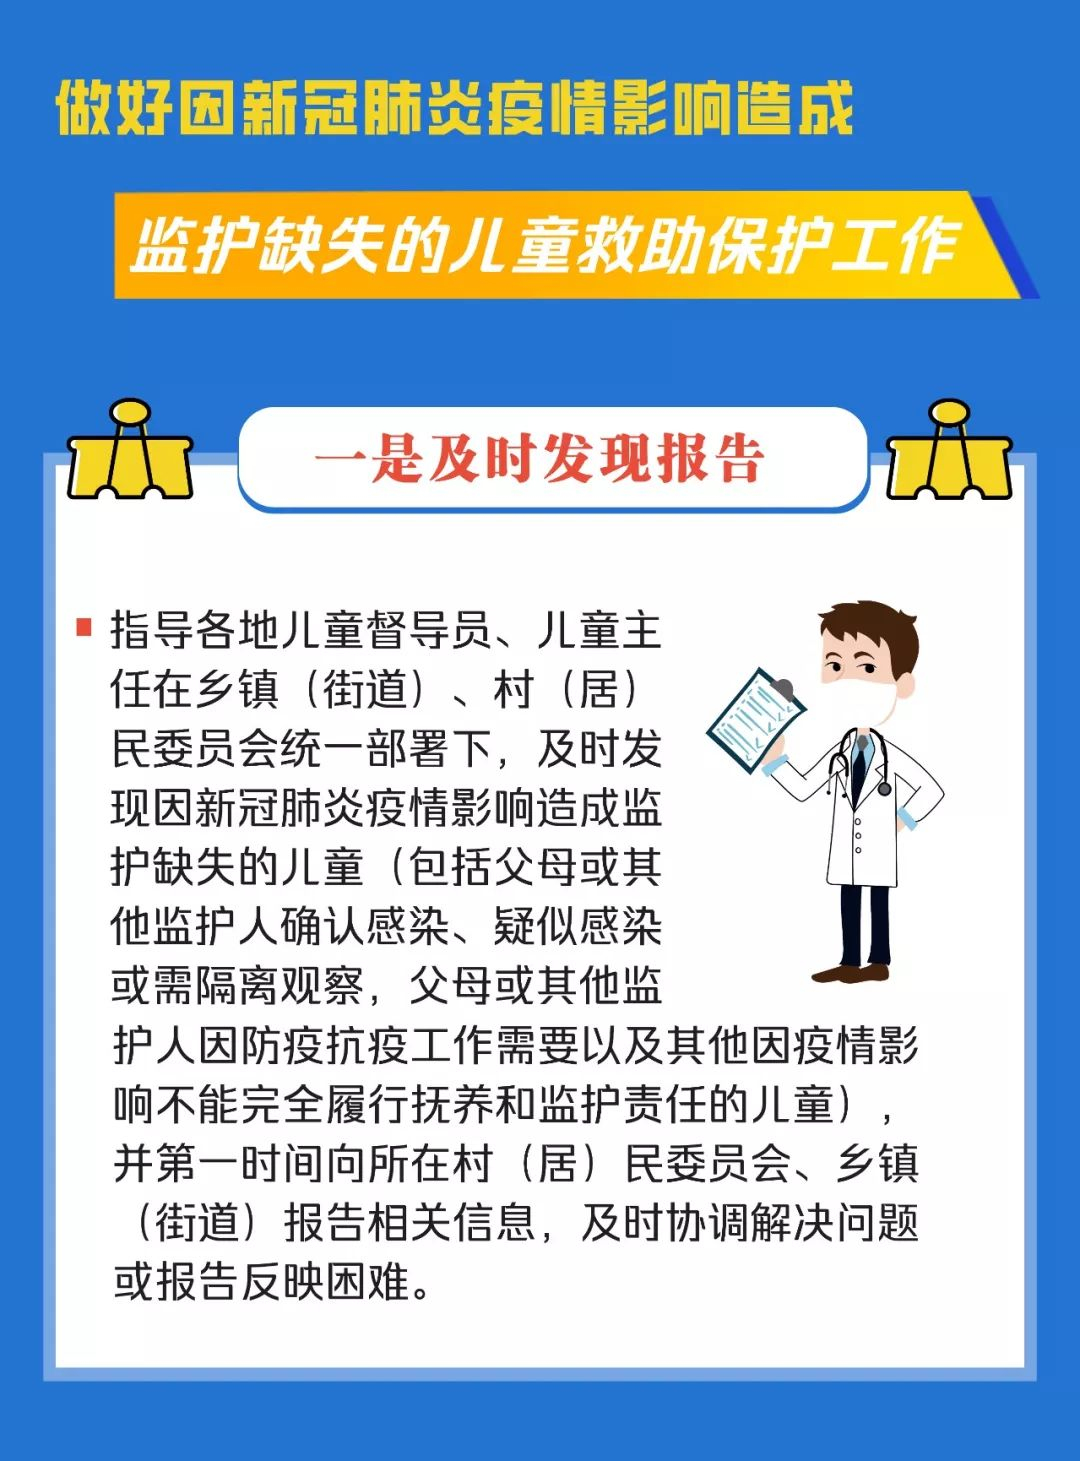 一图看懂丨如何确保不因新冠肺炎疫情影响造成儿童监护缺失?